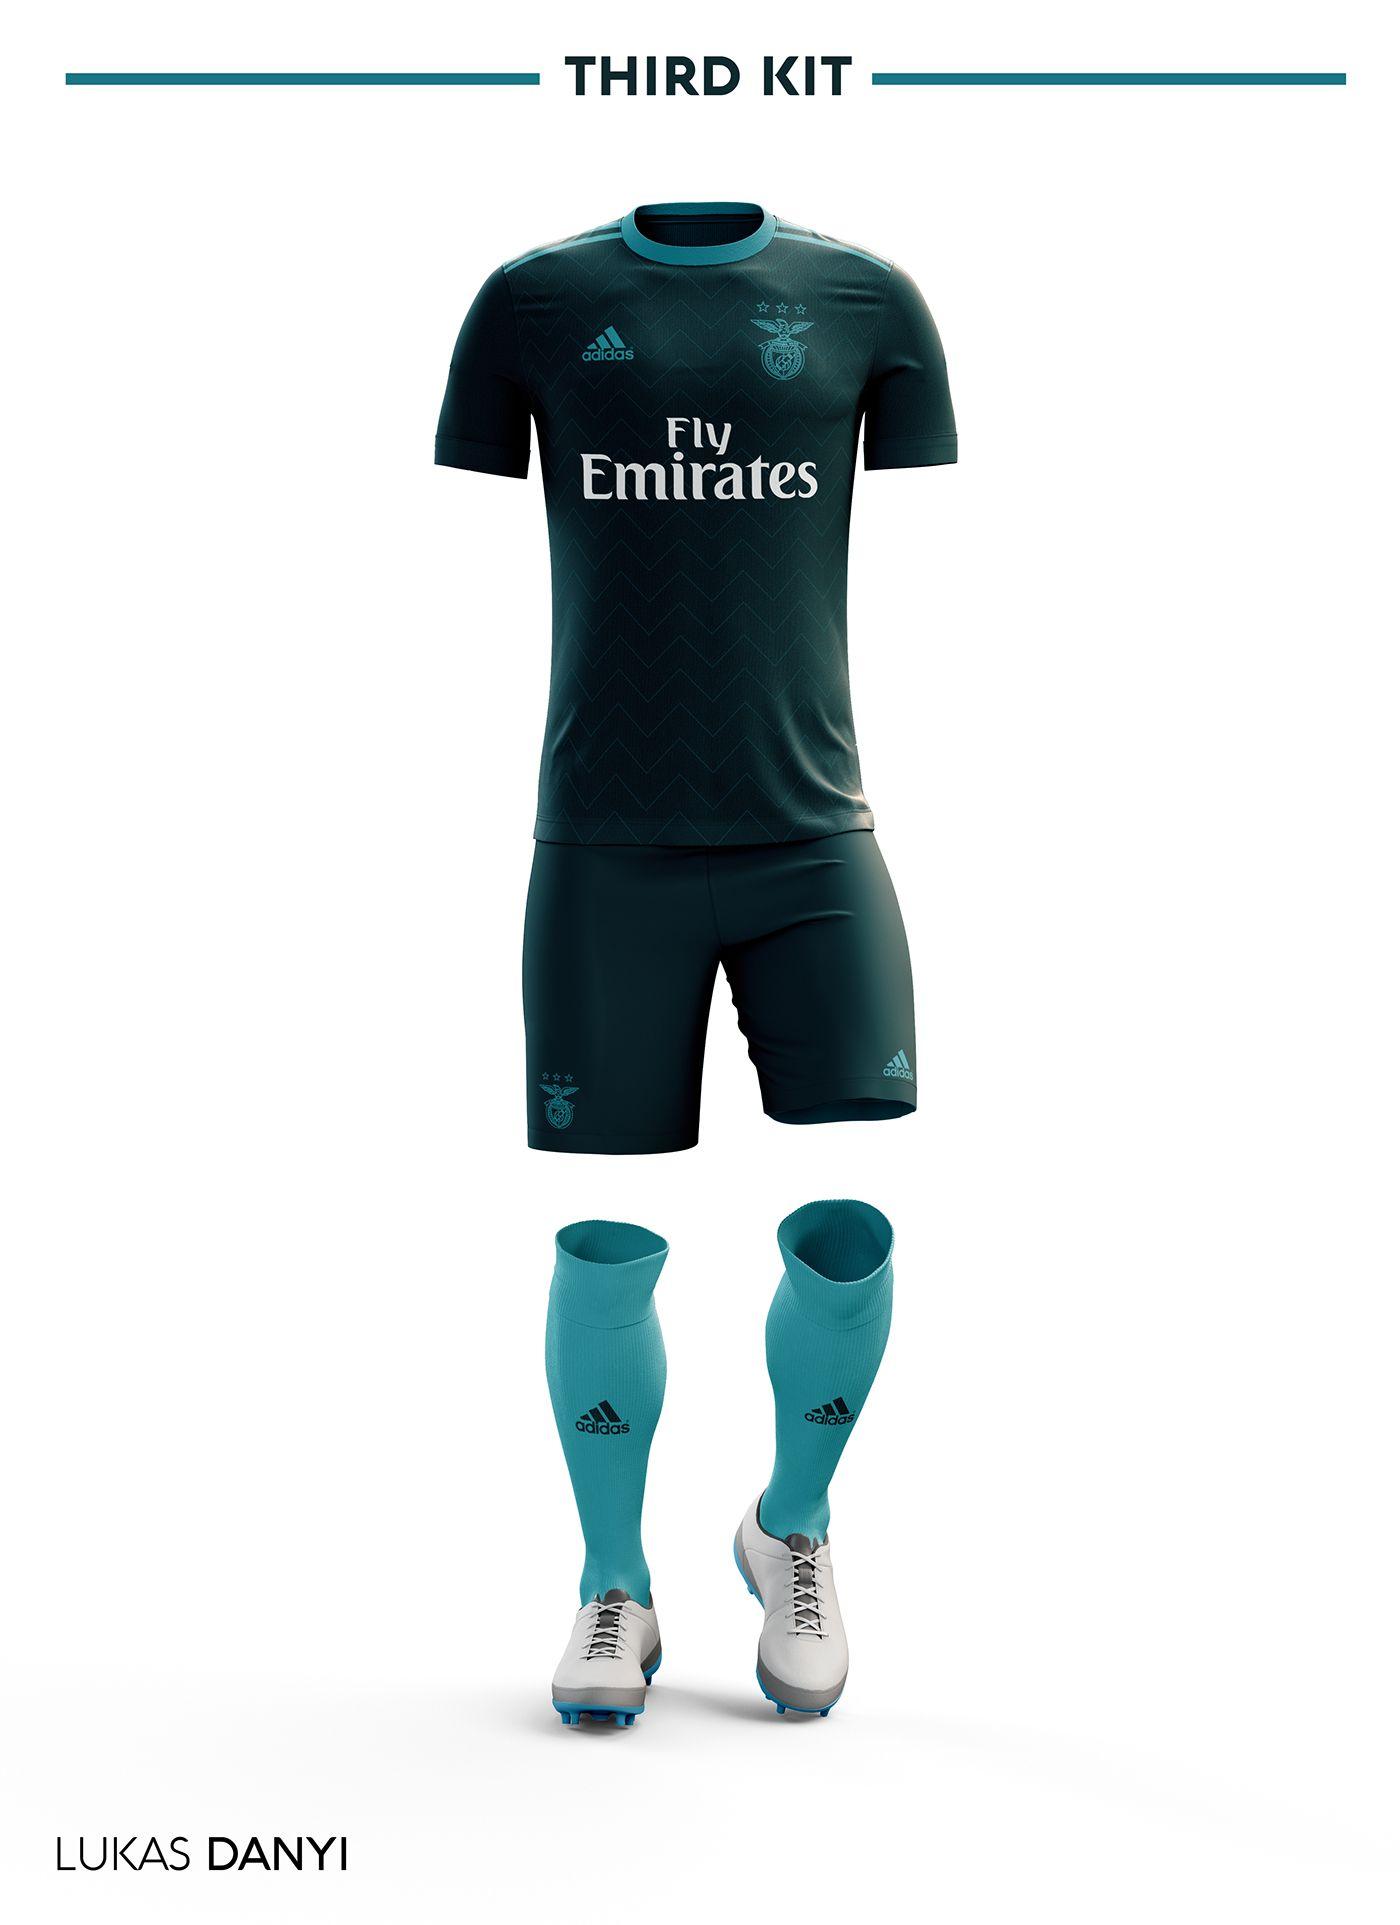 Football com category football kits image sl benfica 1st kit - Sl Benfica Football Kit 17 18 On Behance Football Kits